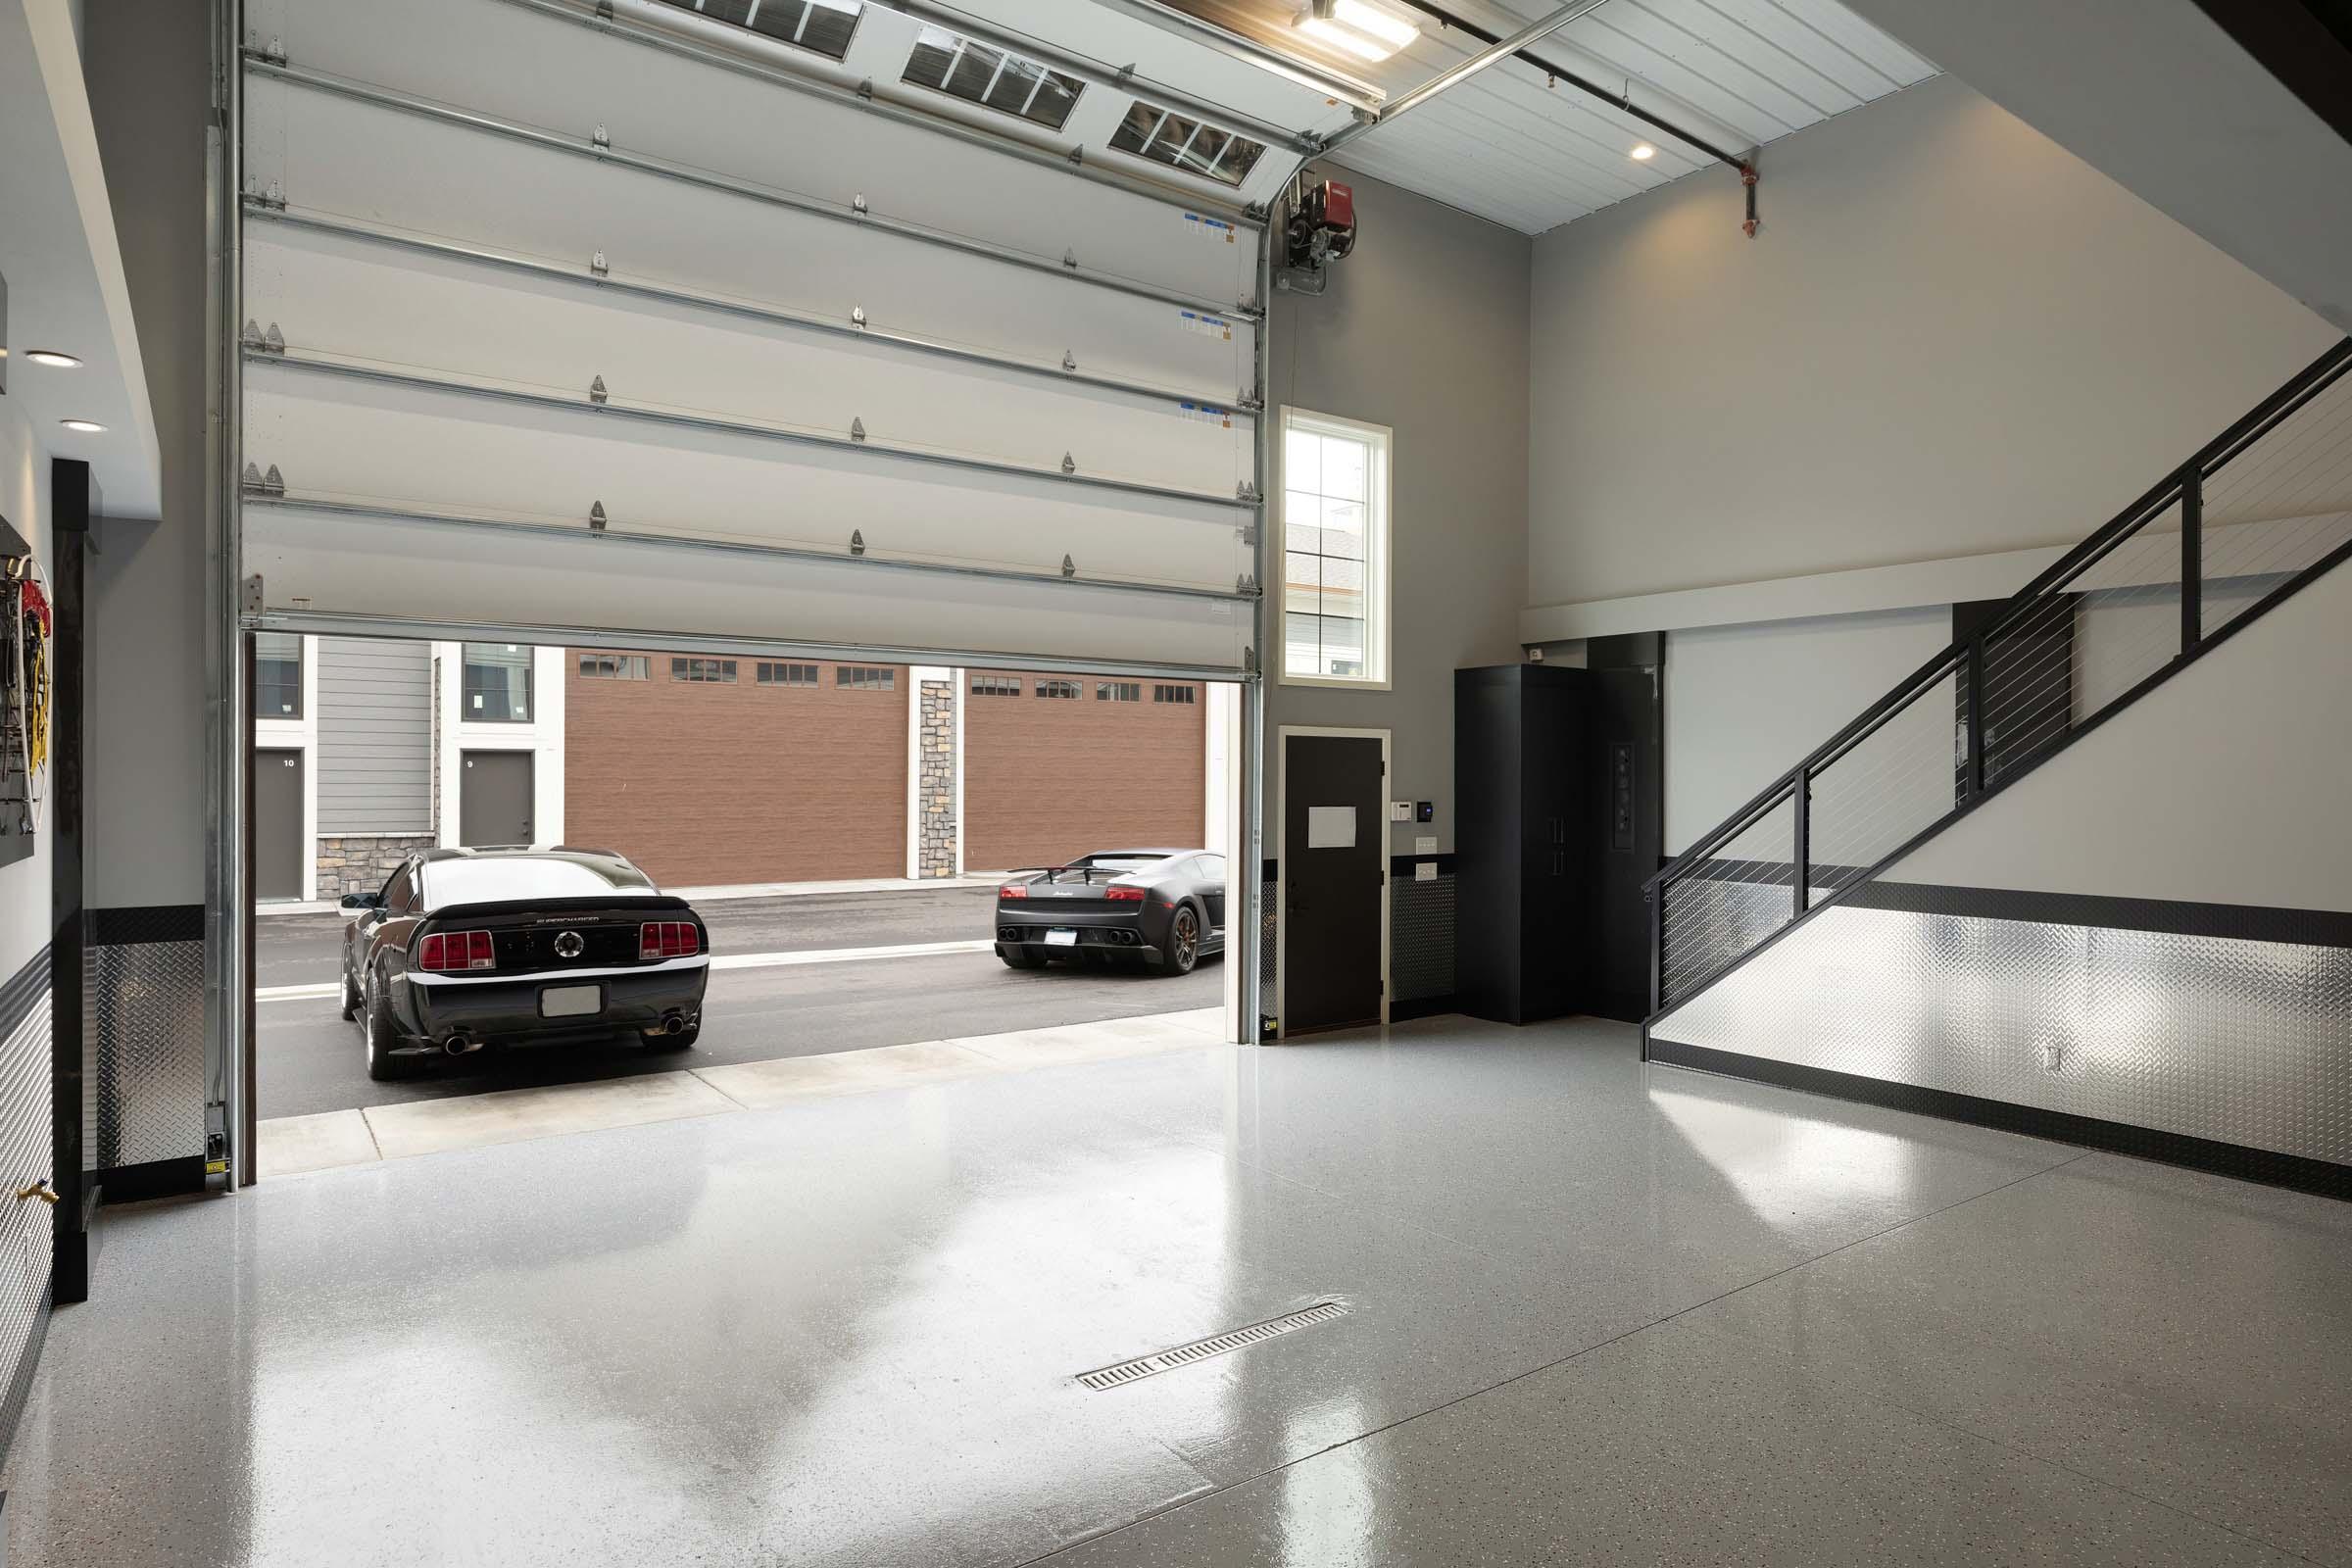 Garage Remodel Storage